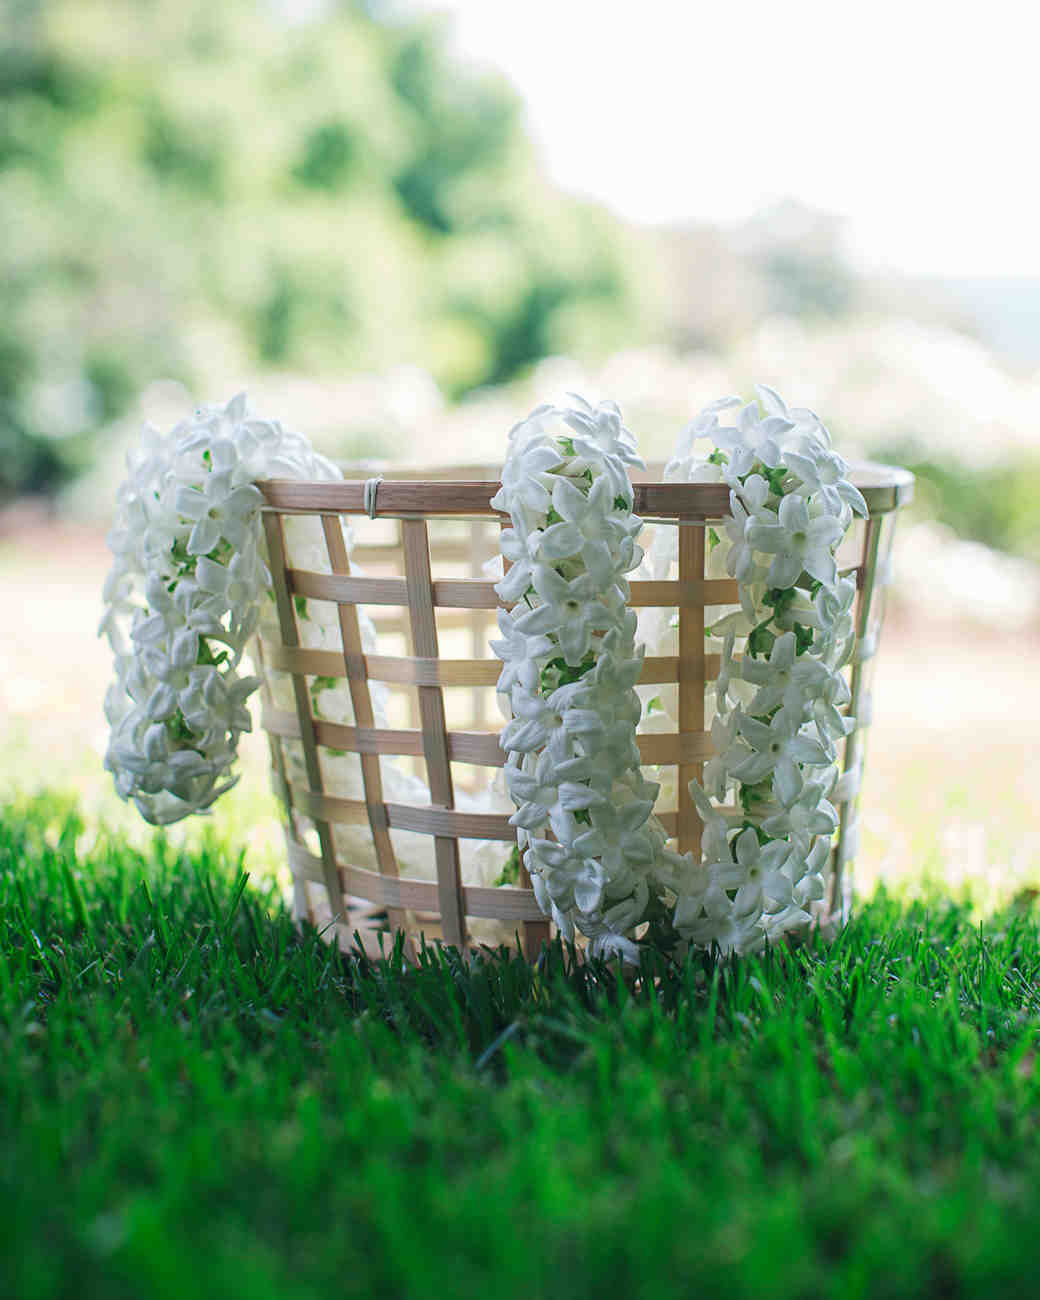 rosie-ambi-wedding-garlands-3374-s112501-0116.jpg